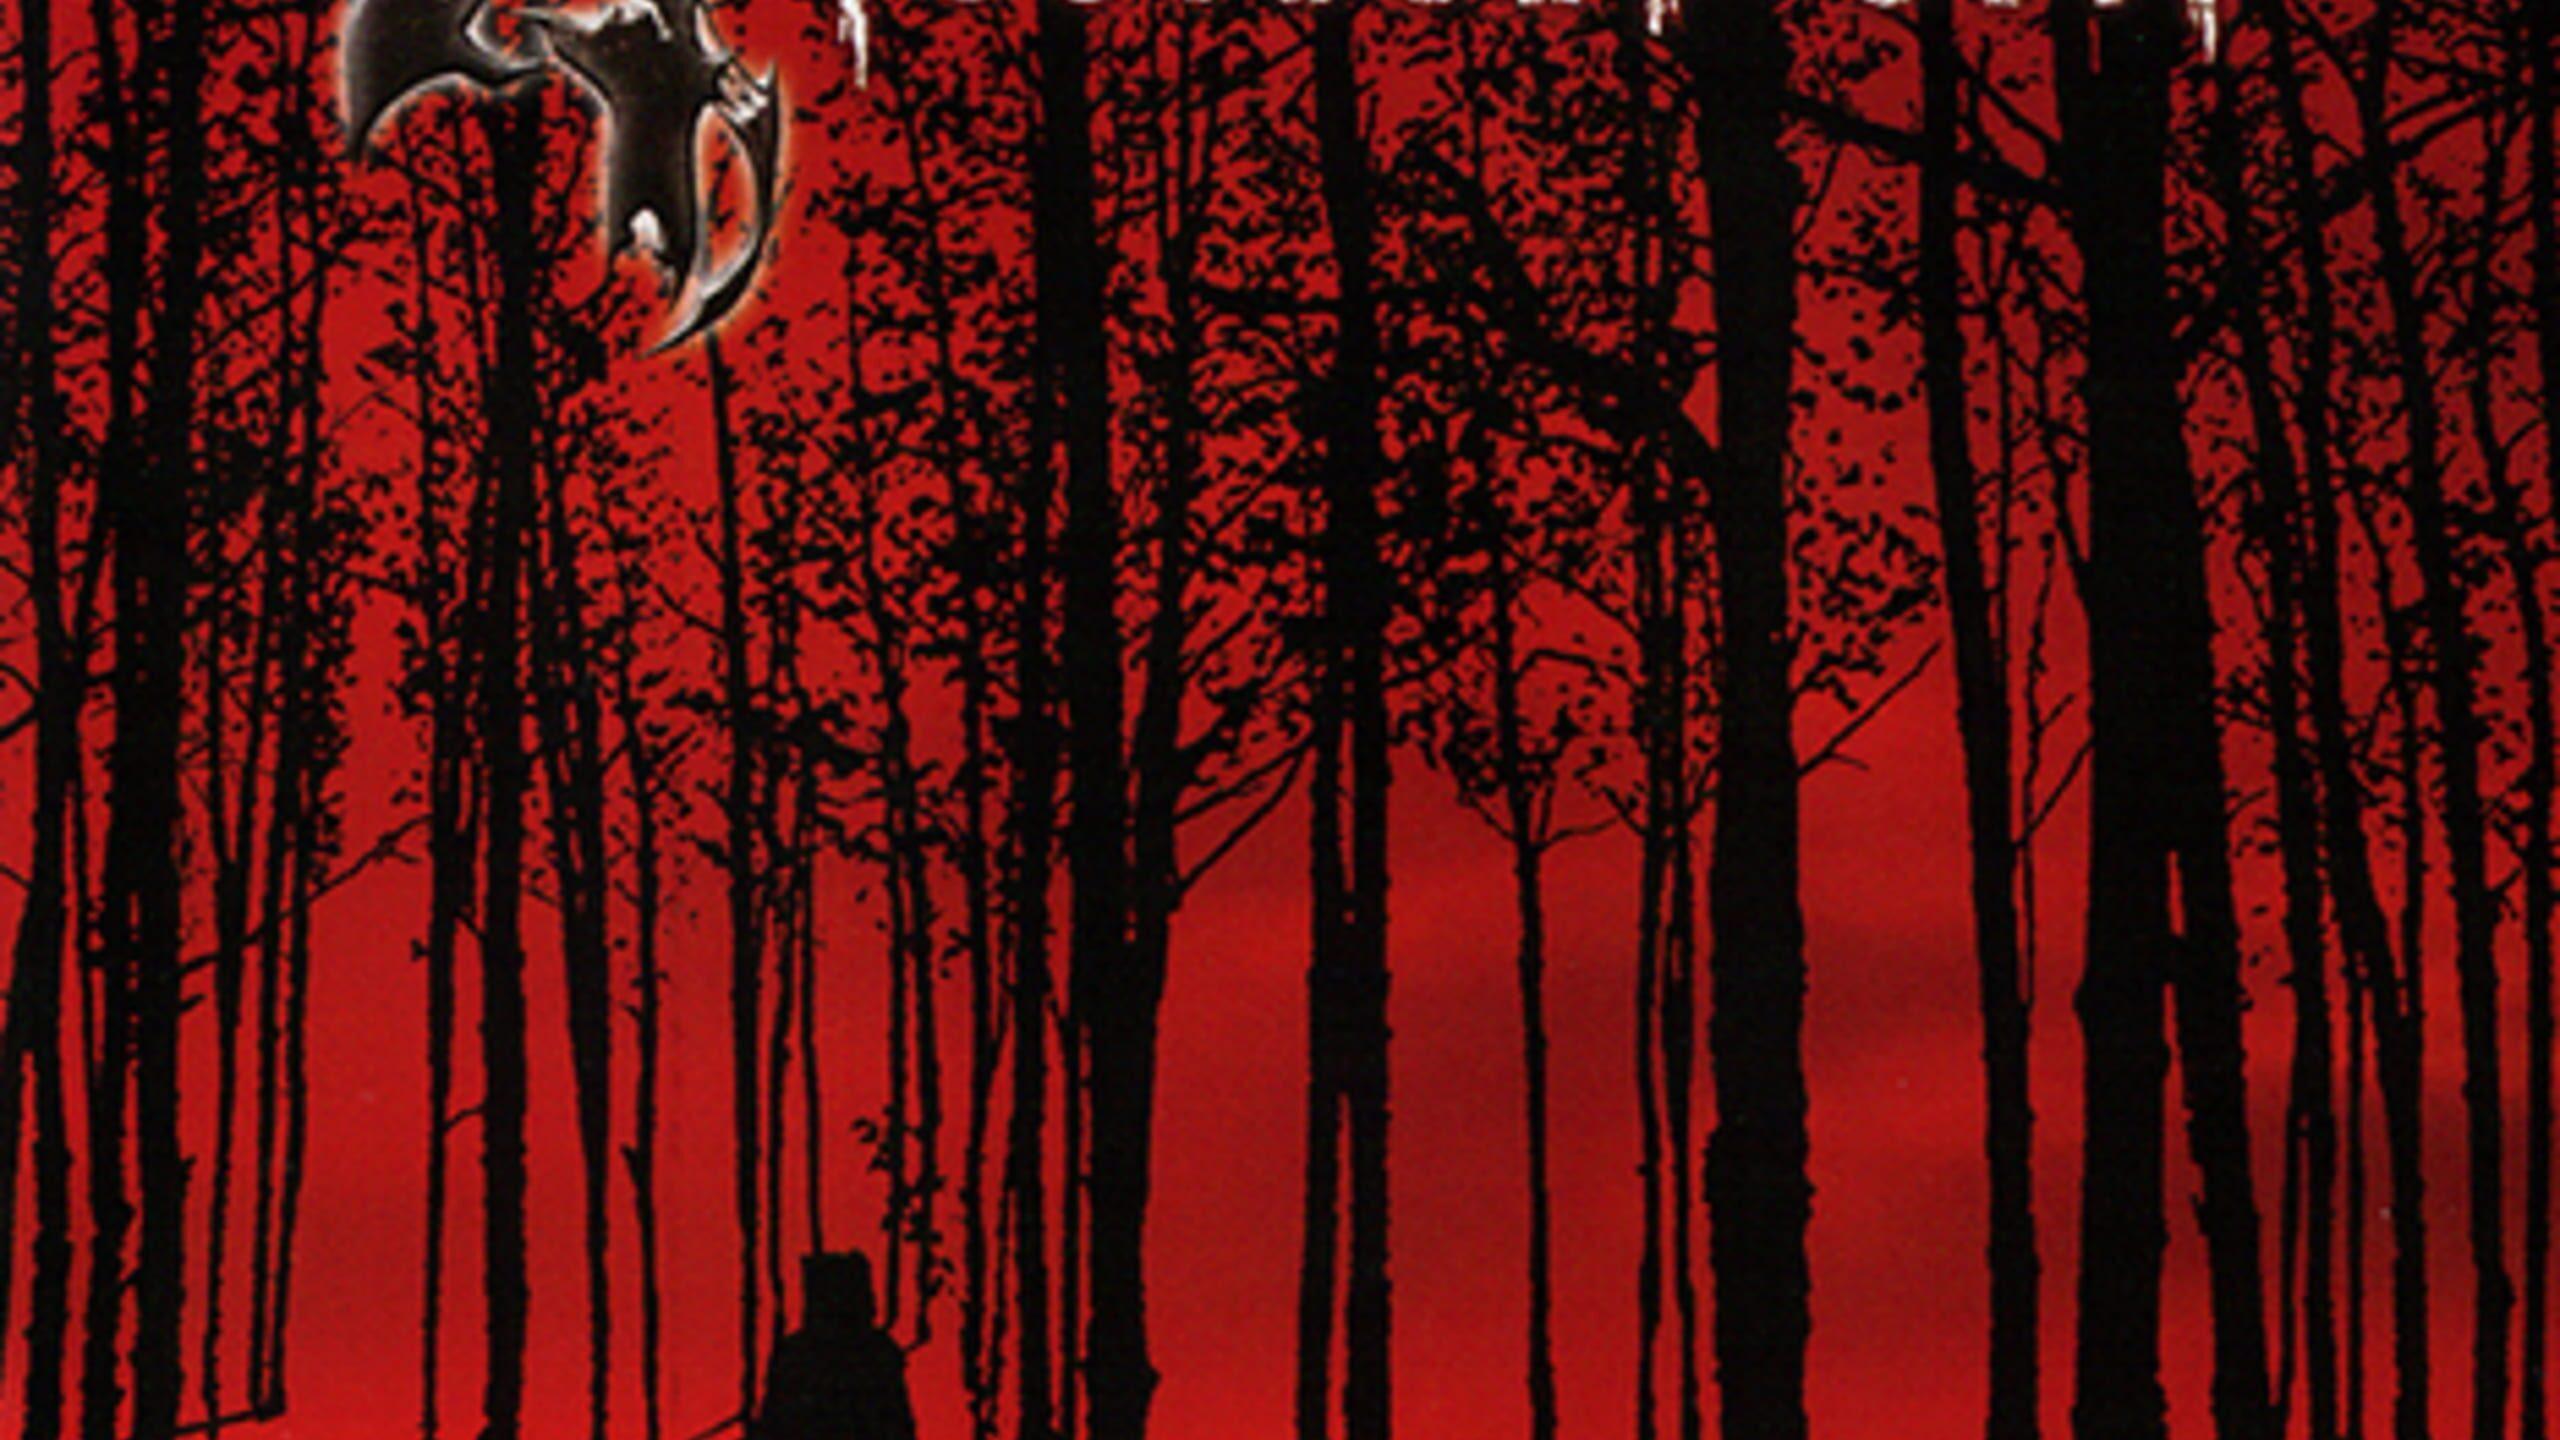 game cover art for Resident Evil 4